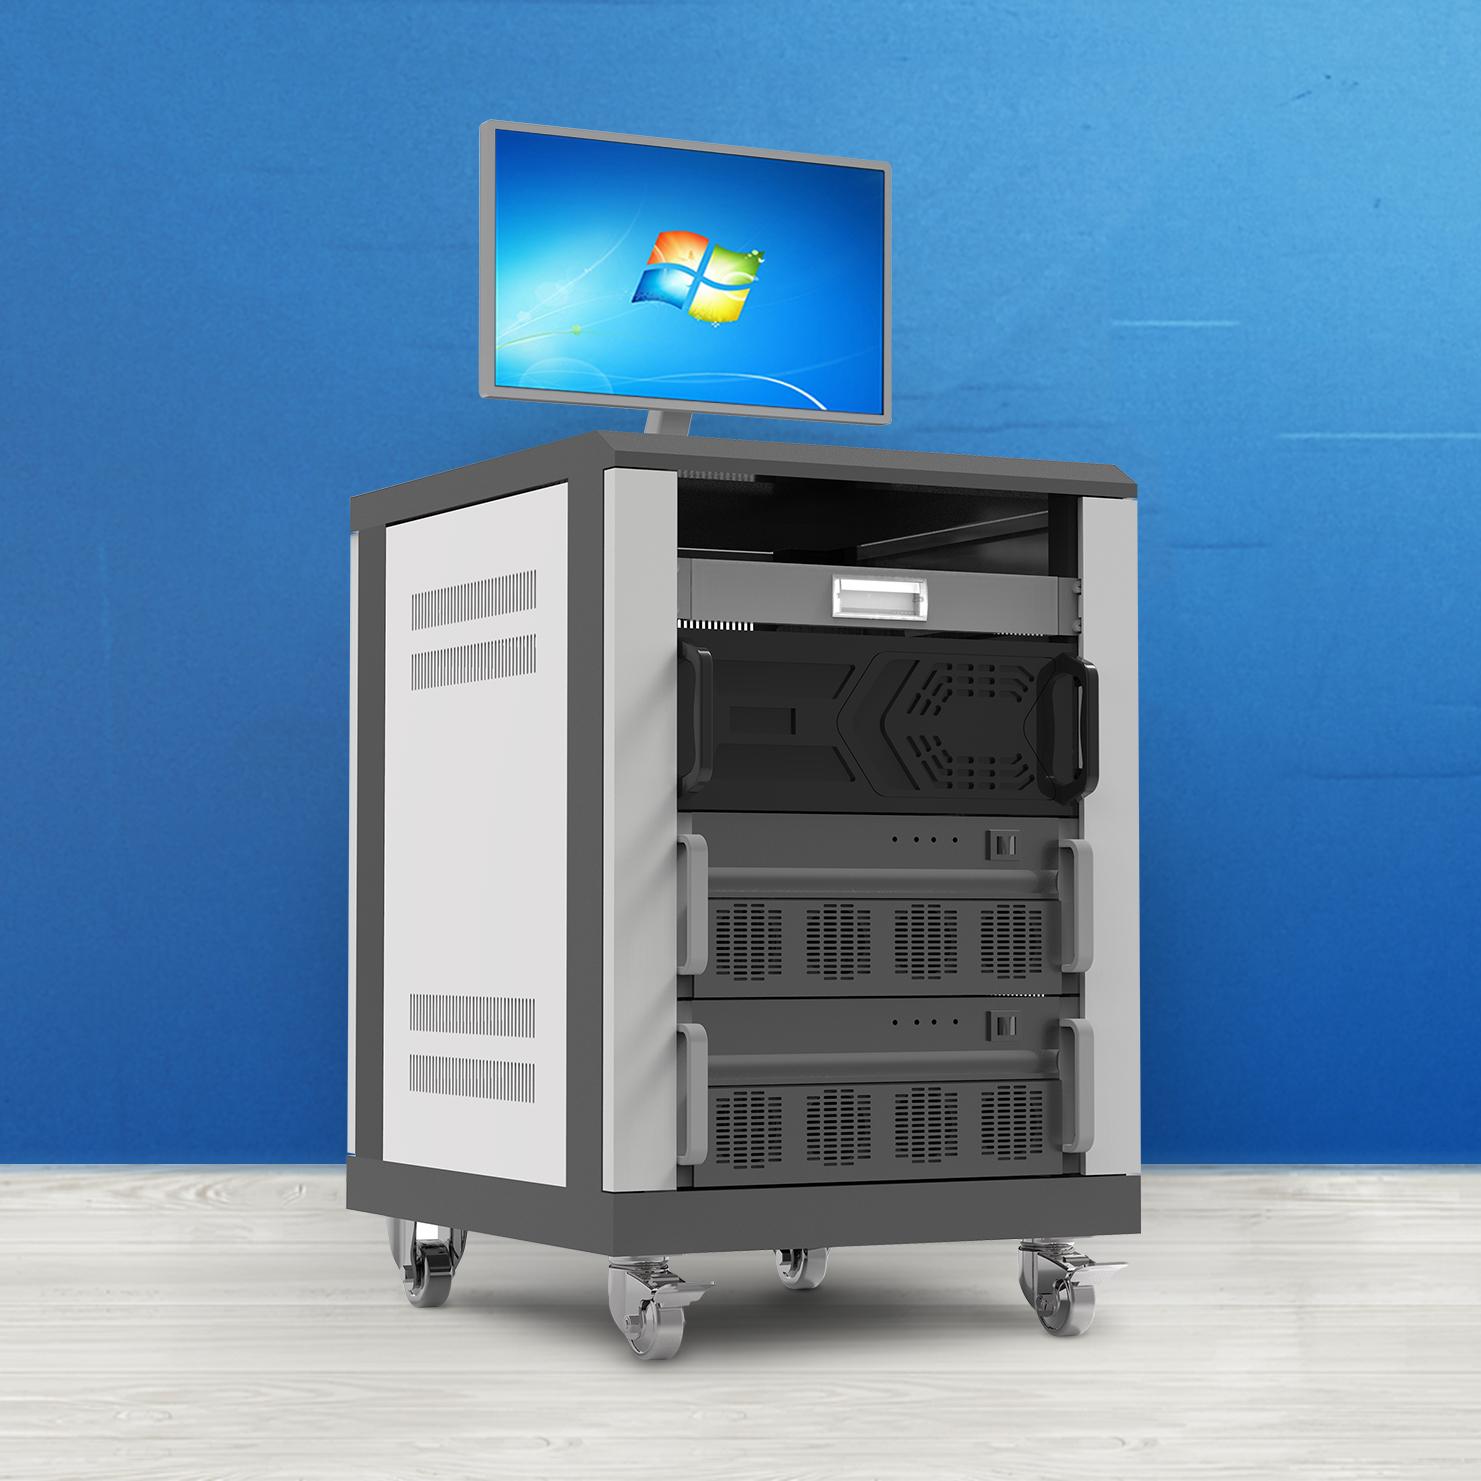 星云笔记本锂电池组保护板测试系统 Featured Image